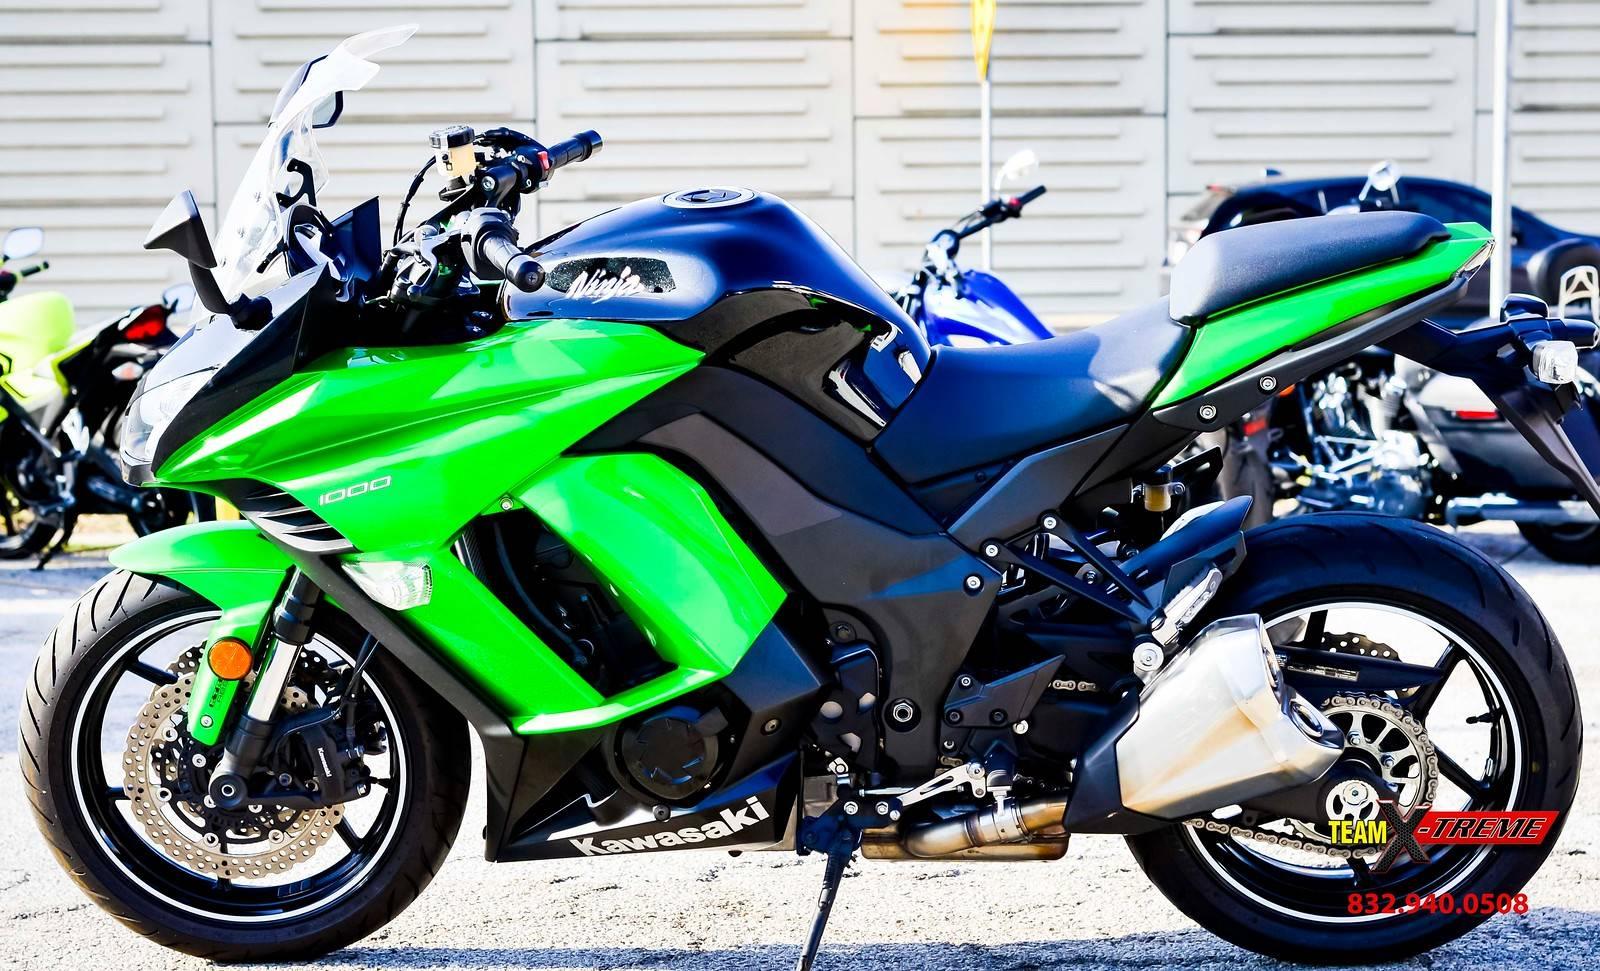 2015 Kawasaki Z1000 ABS 7